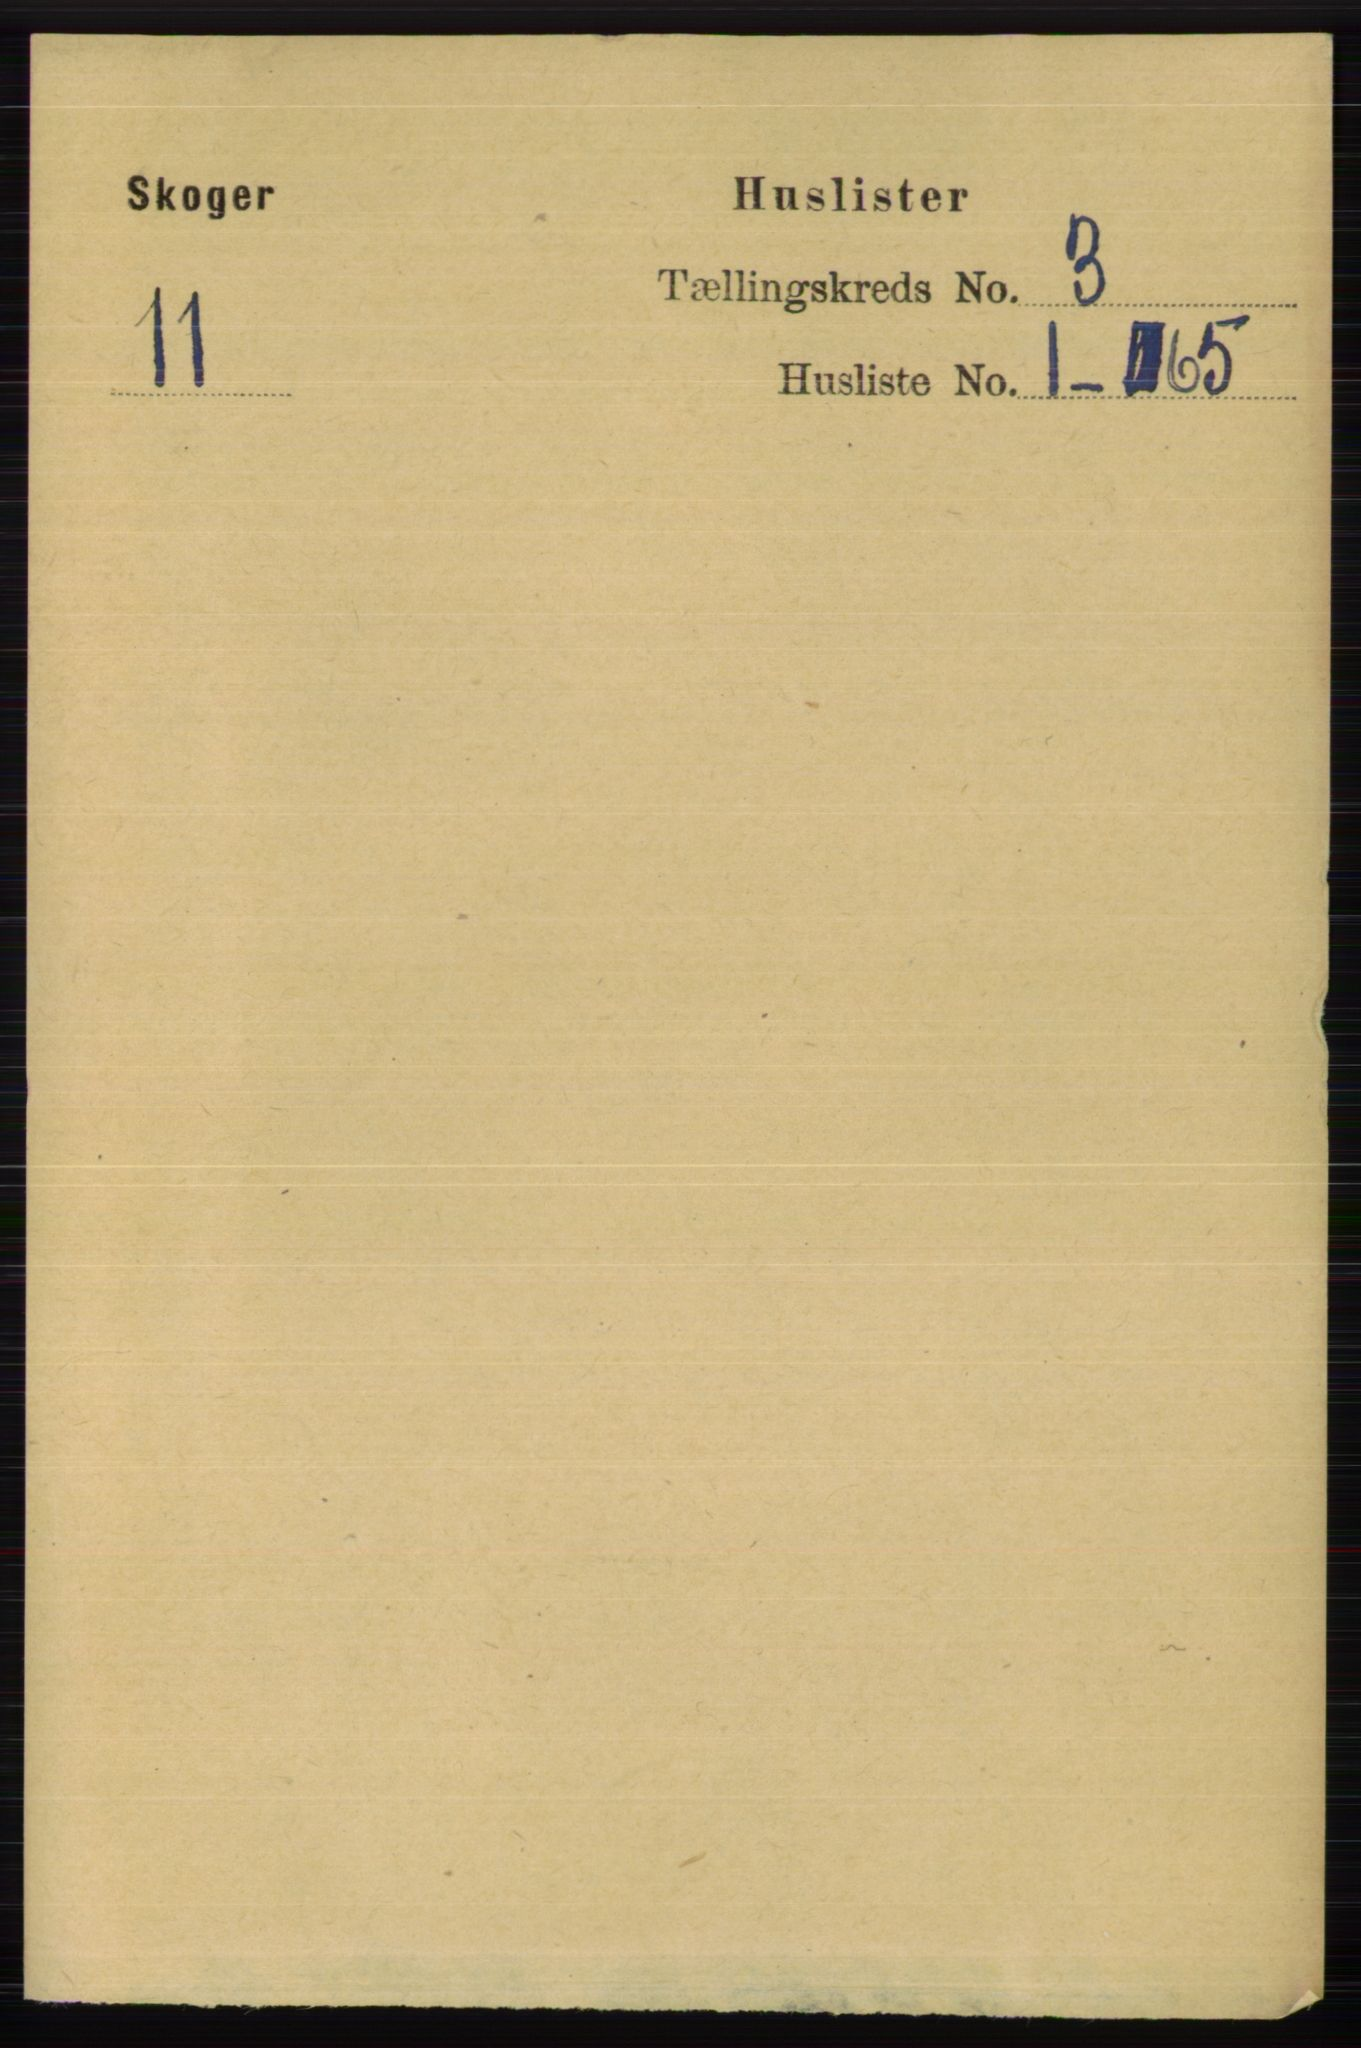 RA, Folketelling 1891 for 0712 Skoger herred, 1891, s. 1492